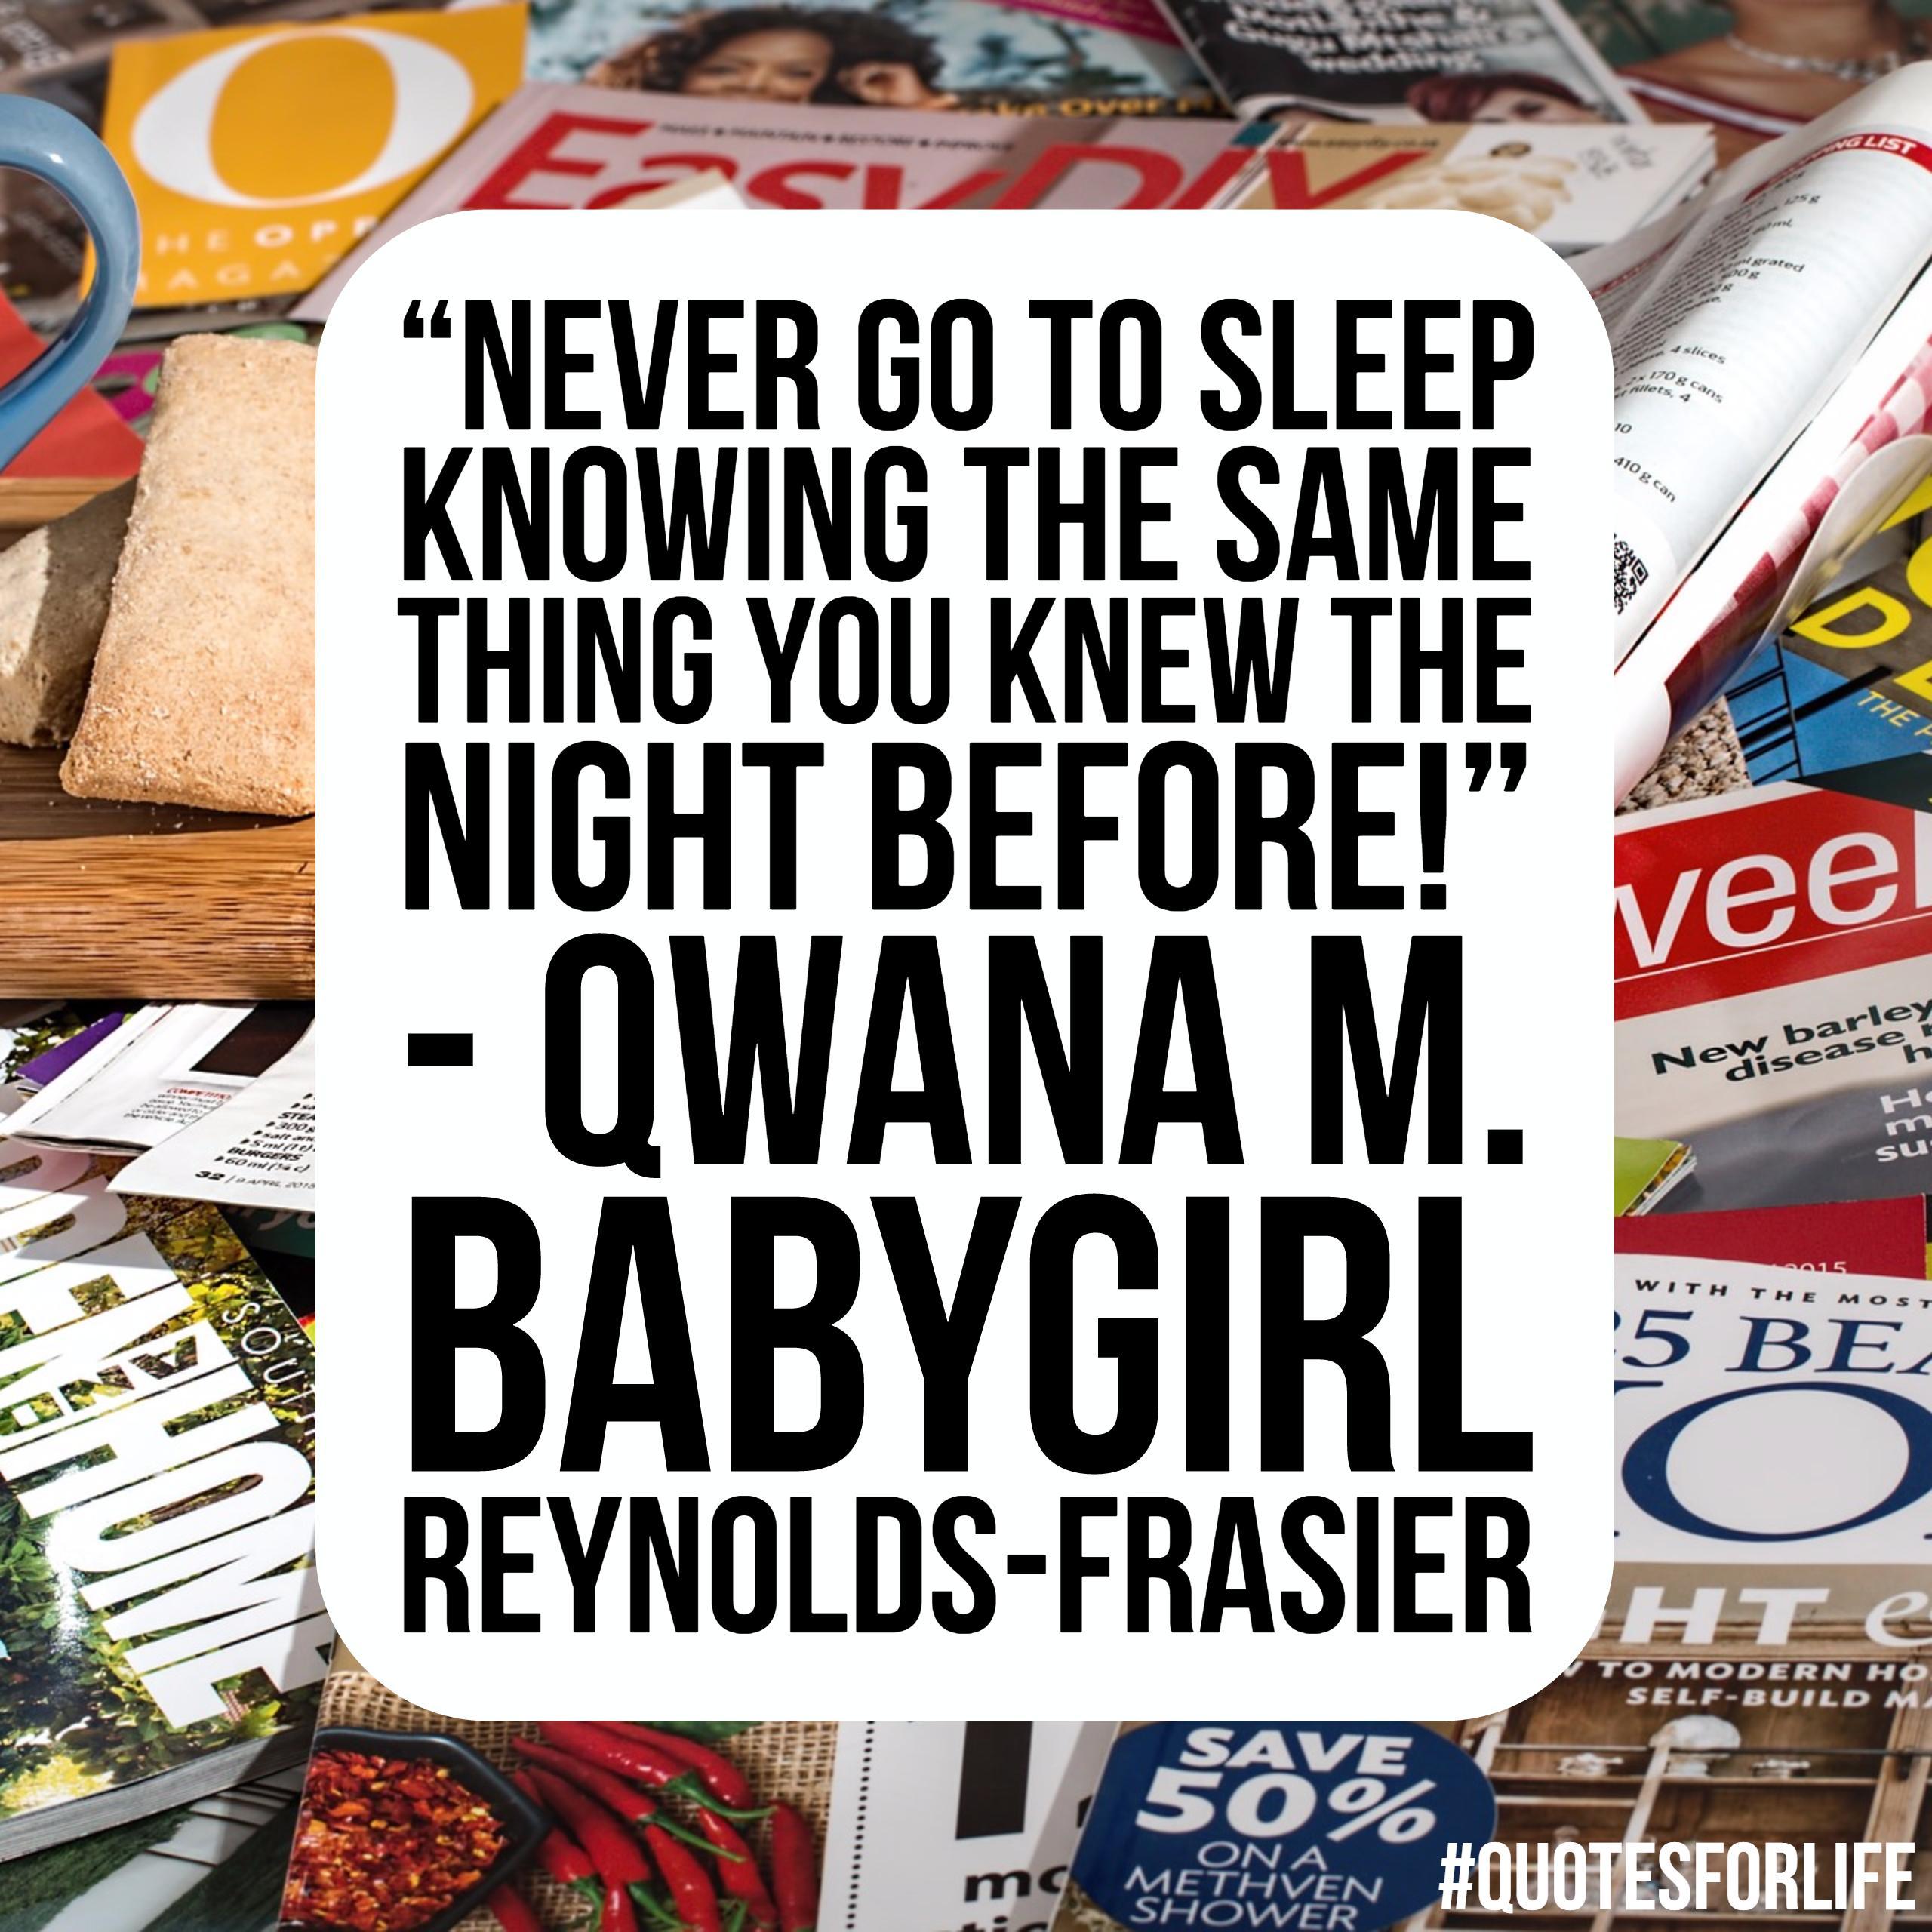 Qwana M. 'Babygirl' Reynolds-Frasier